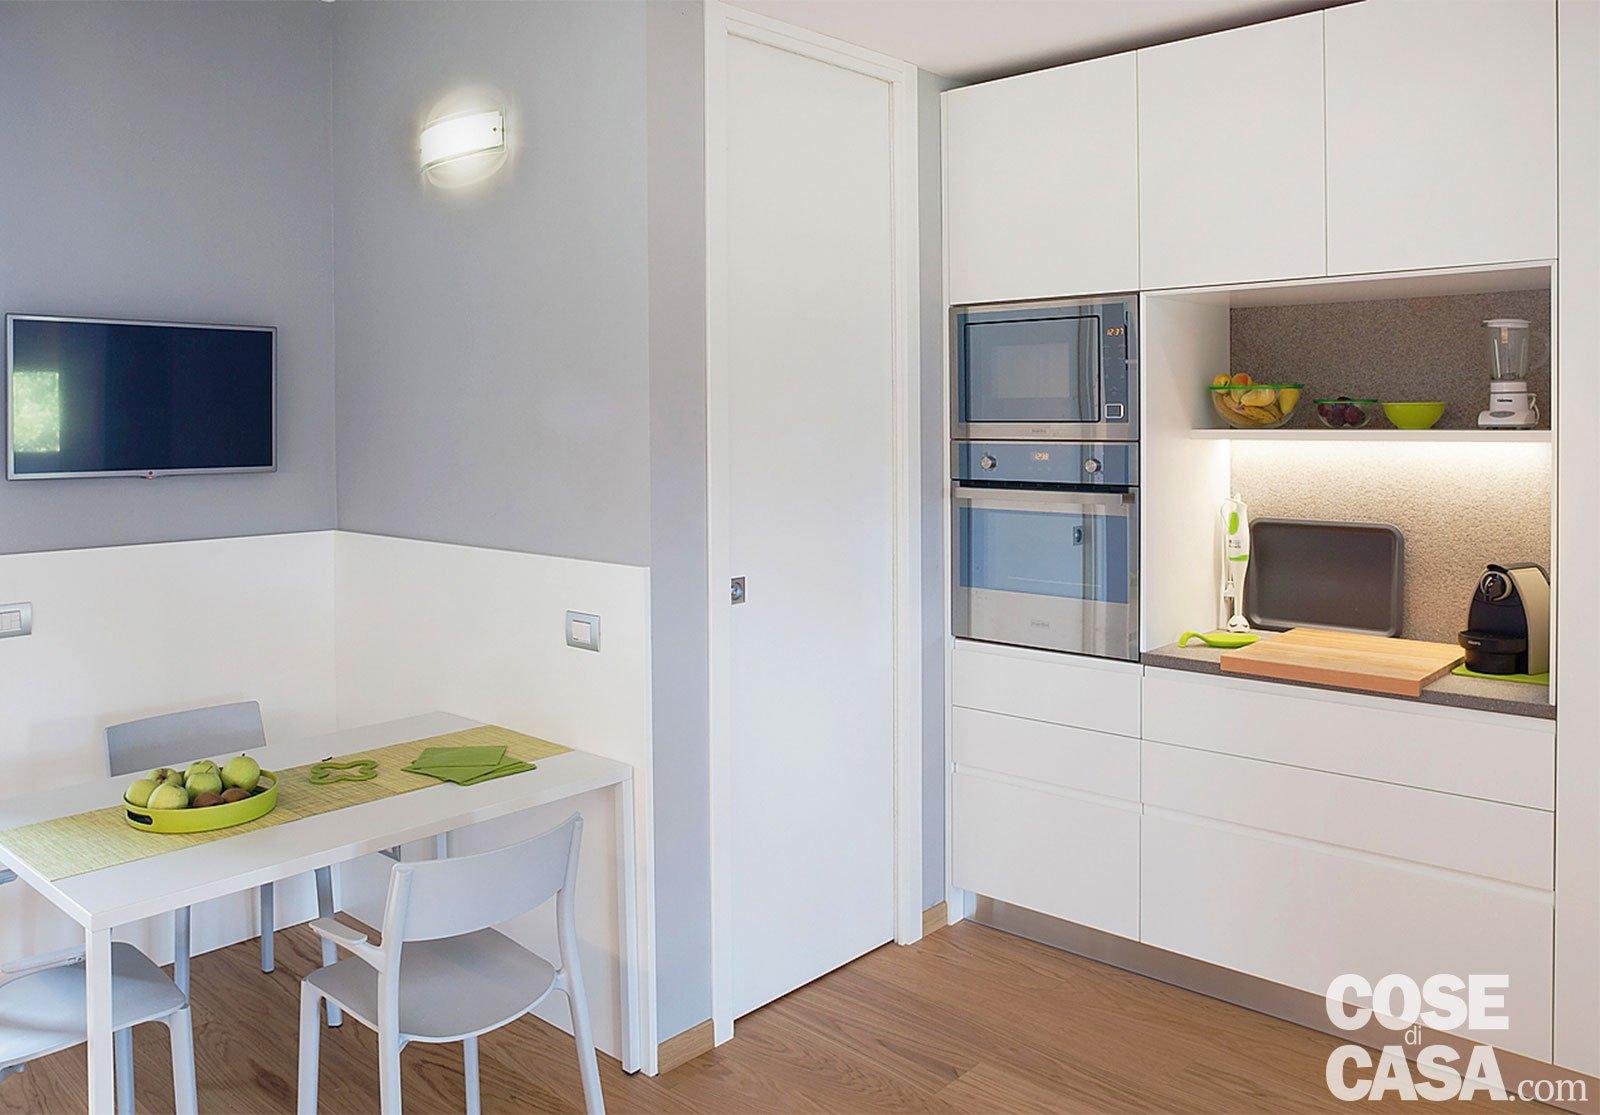 Cucina a vista sul soggiorno nel sottotetto con terrazzi a tasca